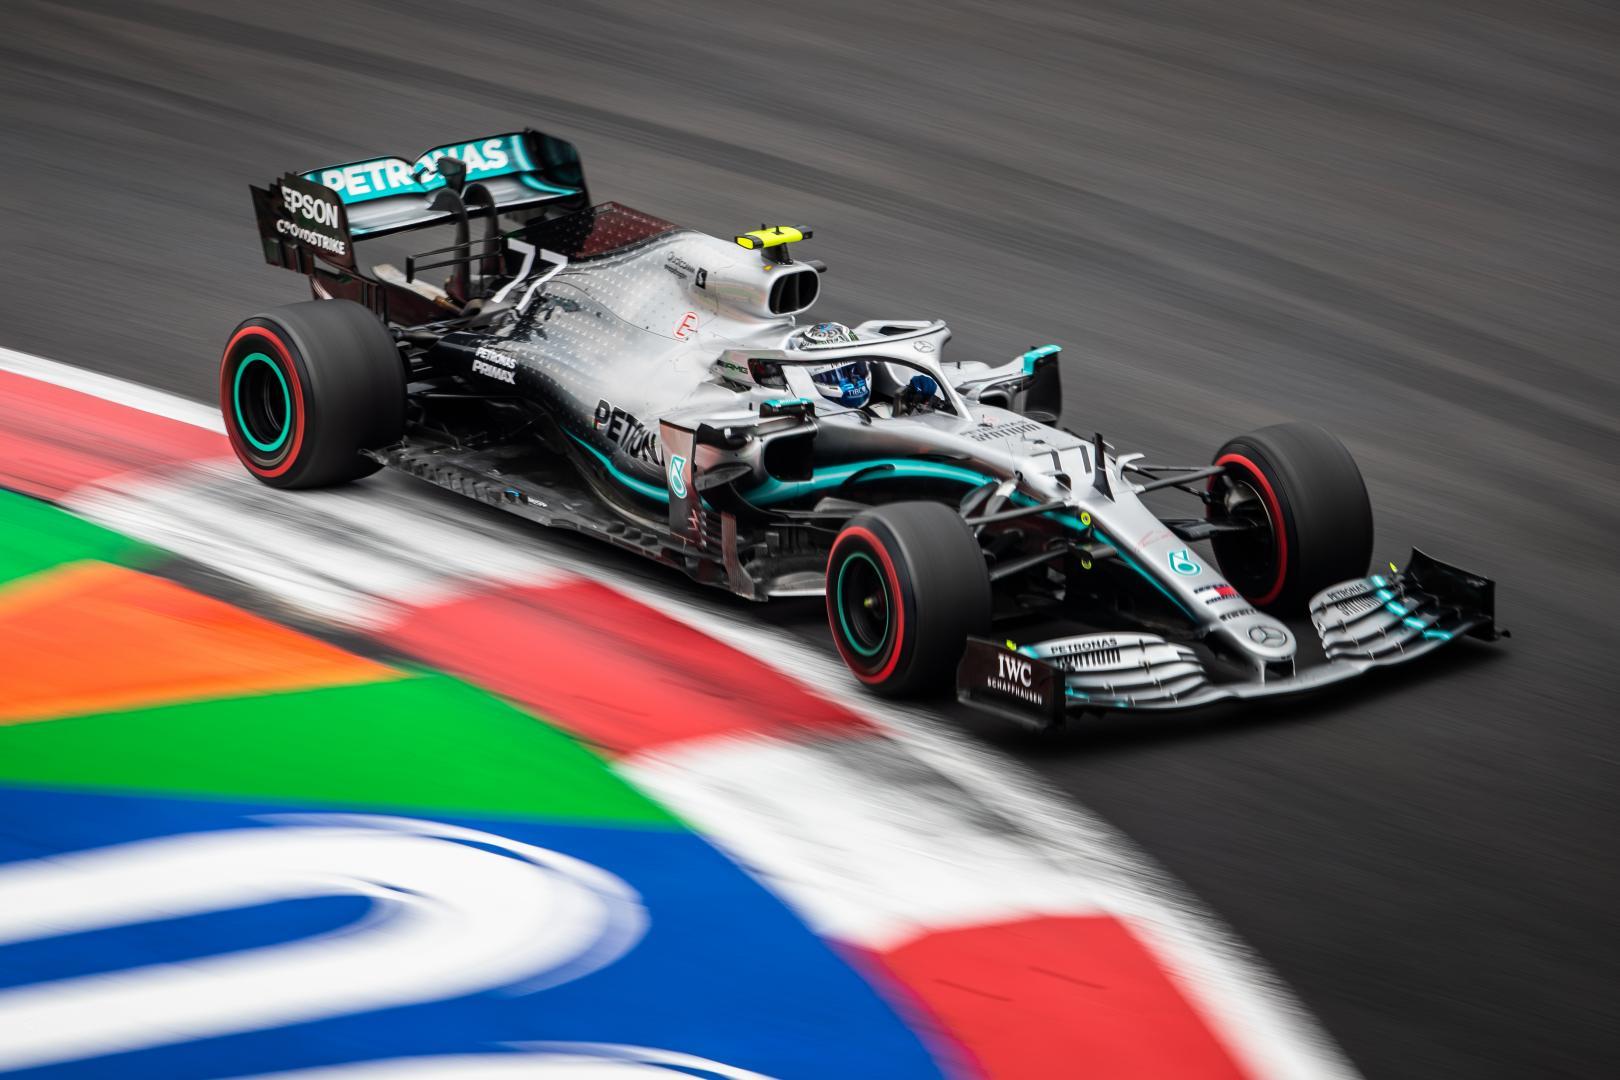 Uitslag van de GP van Mexico 2019